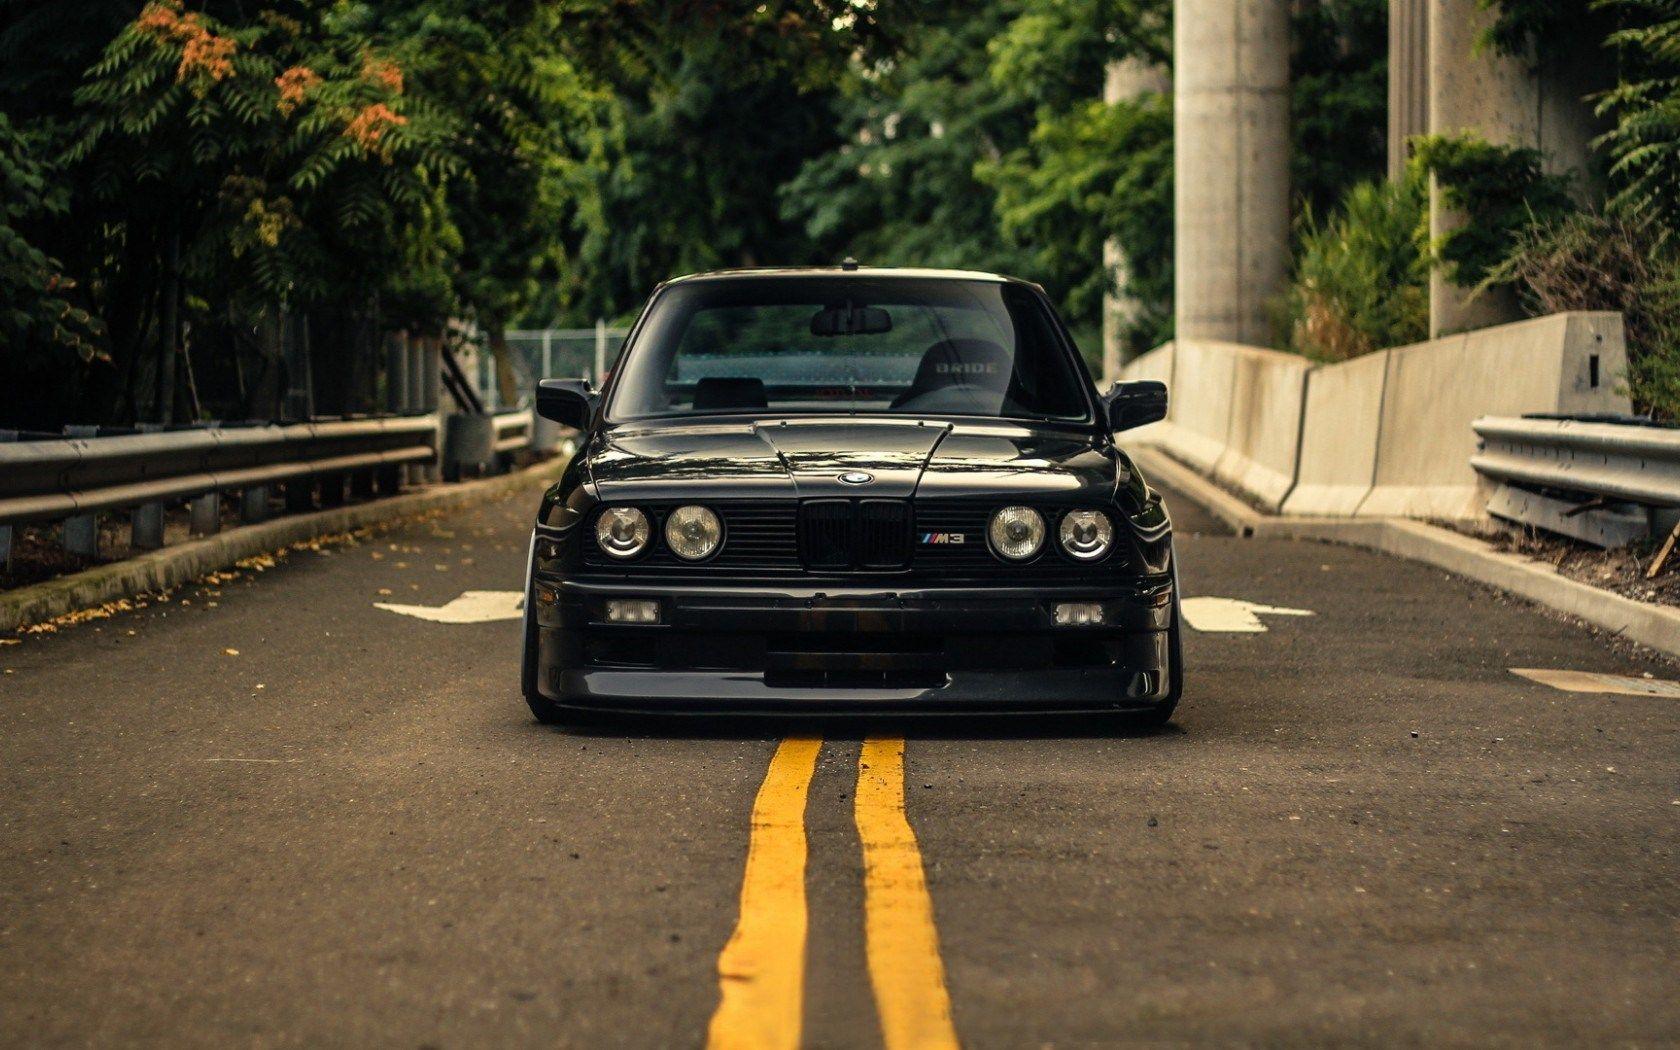 Black E30 Bmw E30 Bmw Bmw E30 Stance